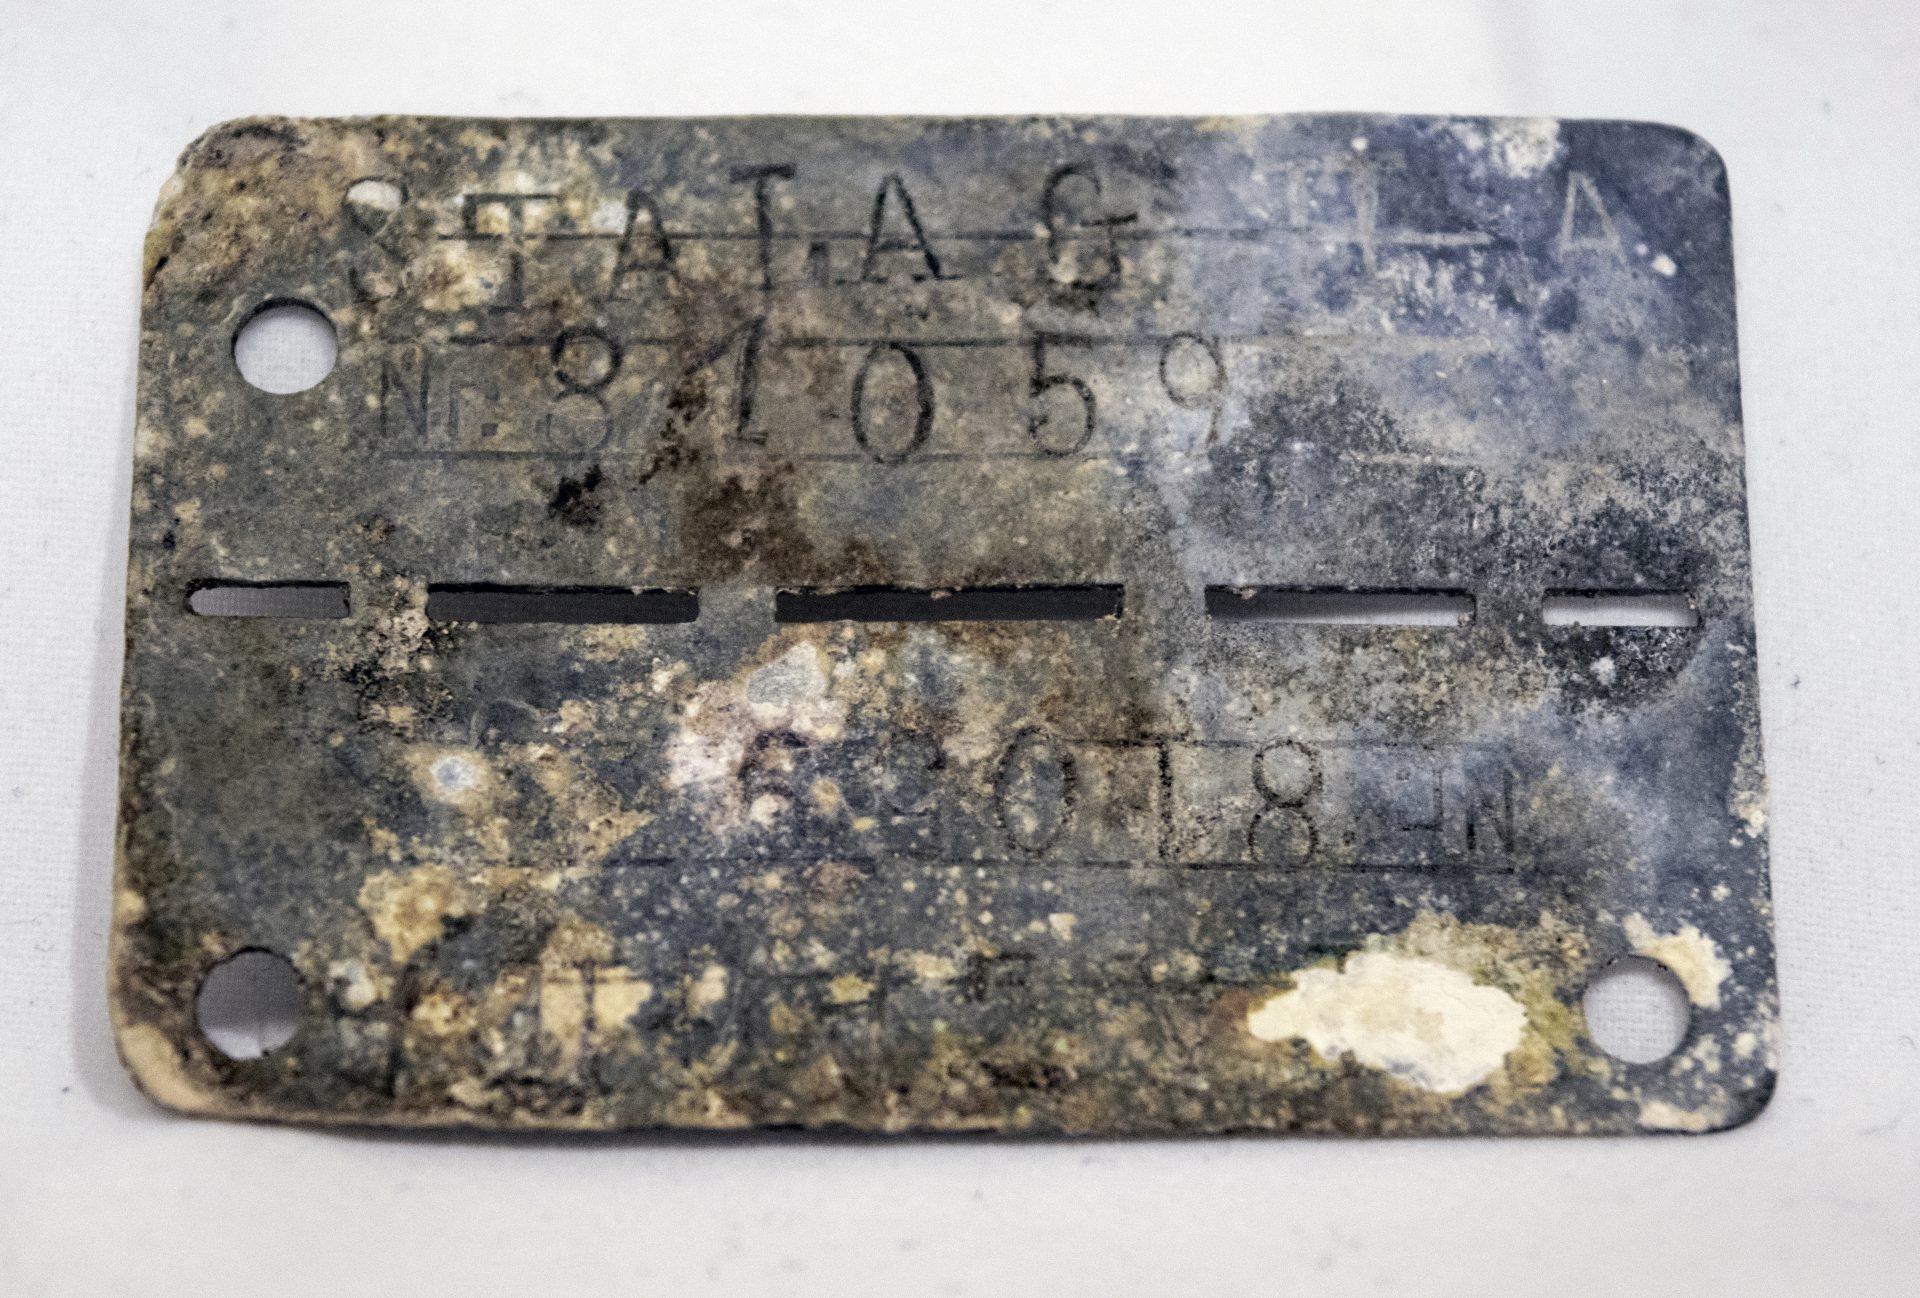 En ID-bricka av metall med runda och avlånga hål och instämplad text. Brickan är fläckig och sliten av ålder.